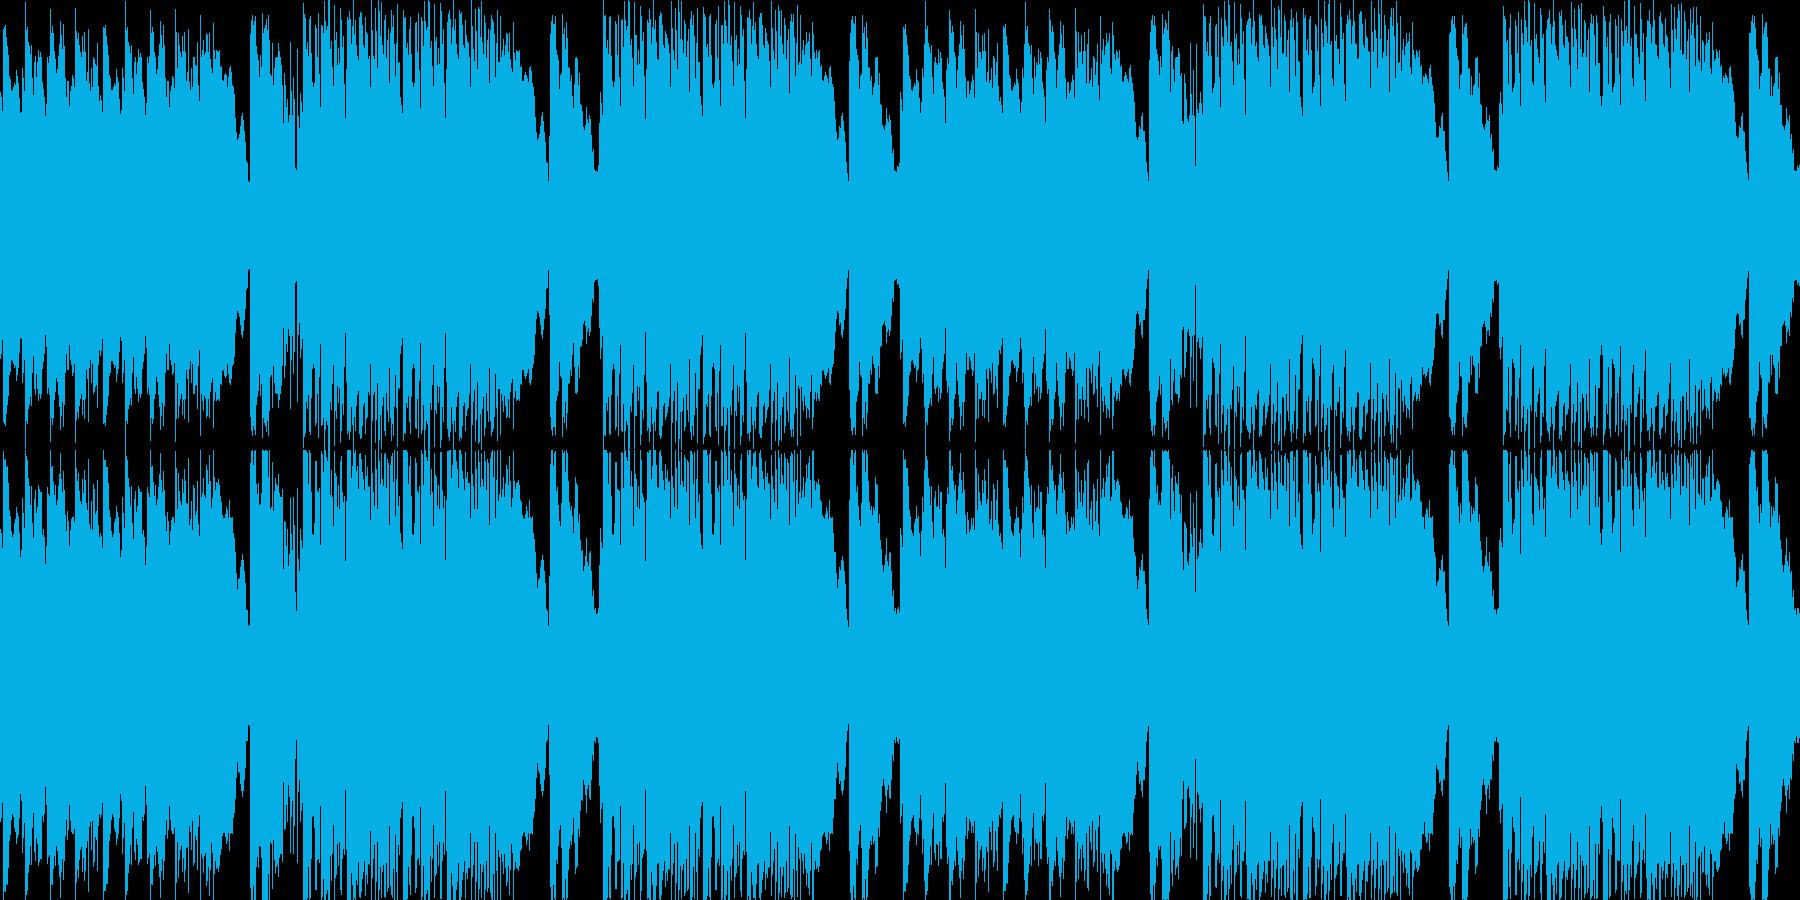 【スピーチ用BGMロマンチックバラード】の再生済みの波形